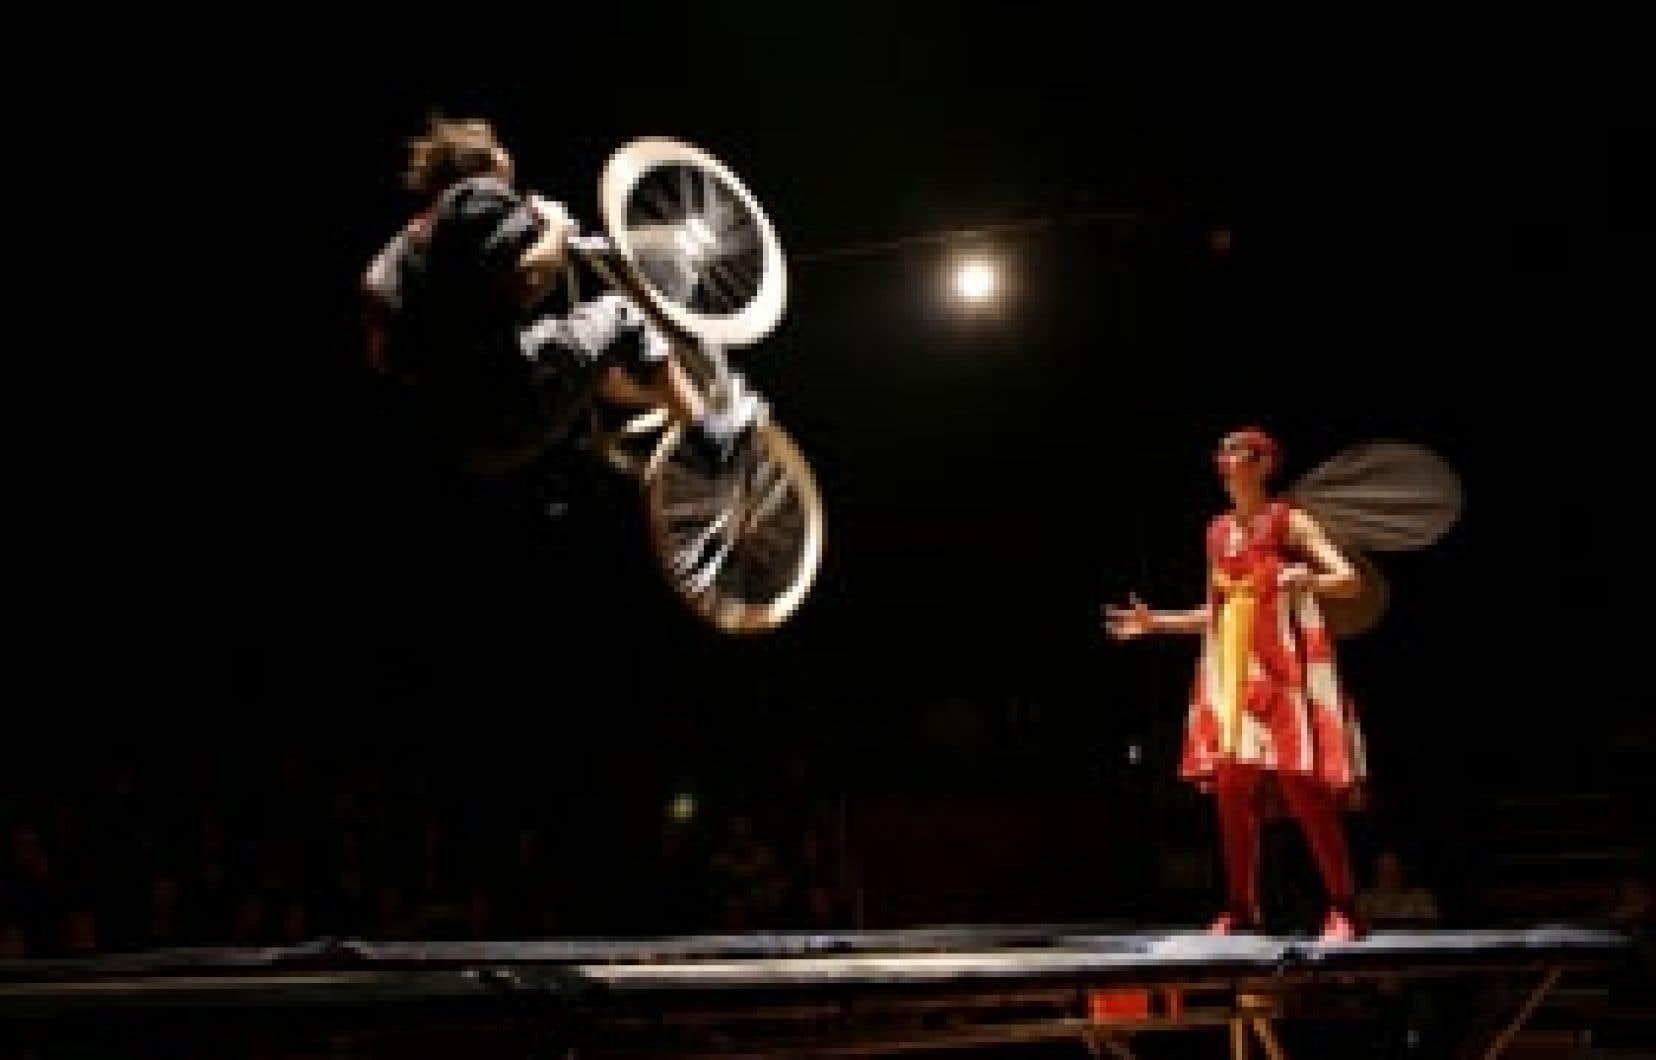 À souligner: l'équipée des cyclistes fous (Benny et Jacques) et le solo de ce dernier, qui pousse l'audace jusqu'à sauter en bécane sur un trampoline. Source: La compagnie des nouveaux nez